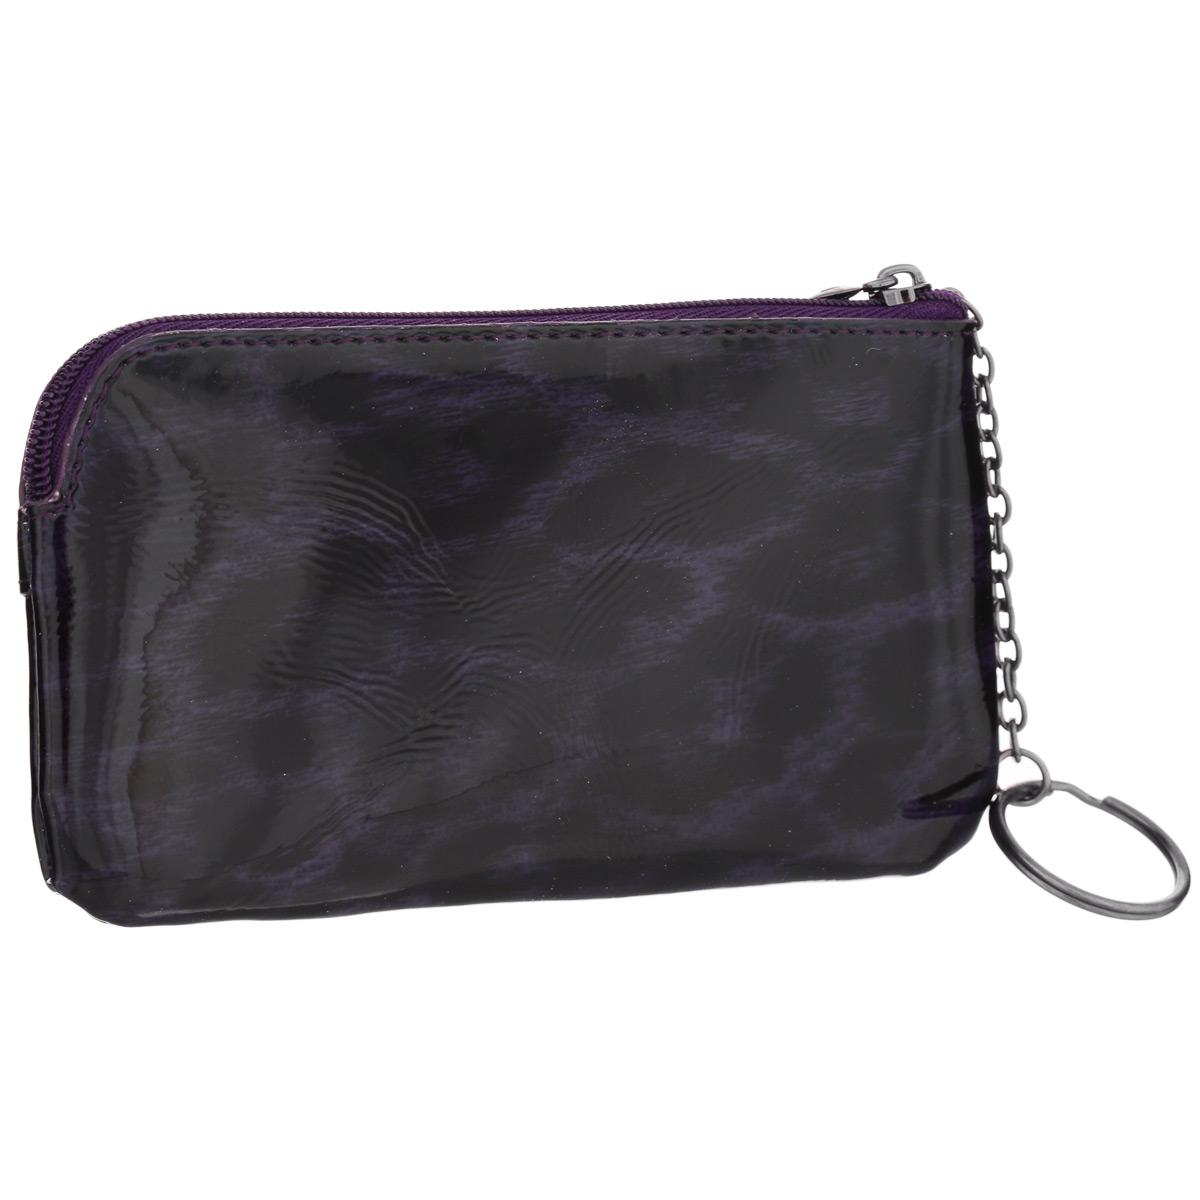 Ключница Malgrado, цвет: фиолетовый. 50501-015802